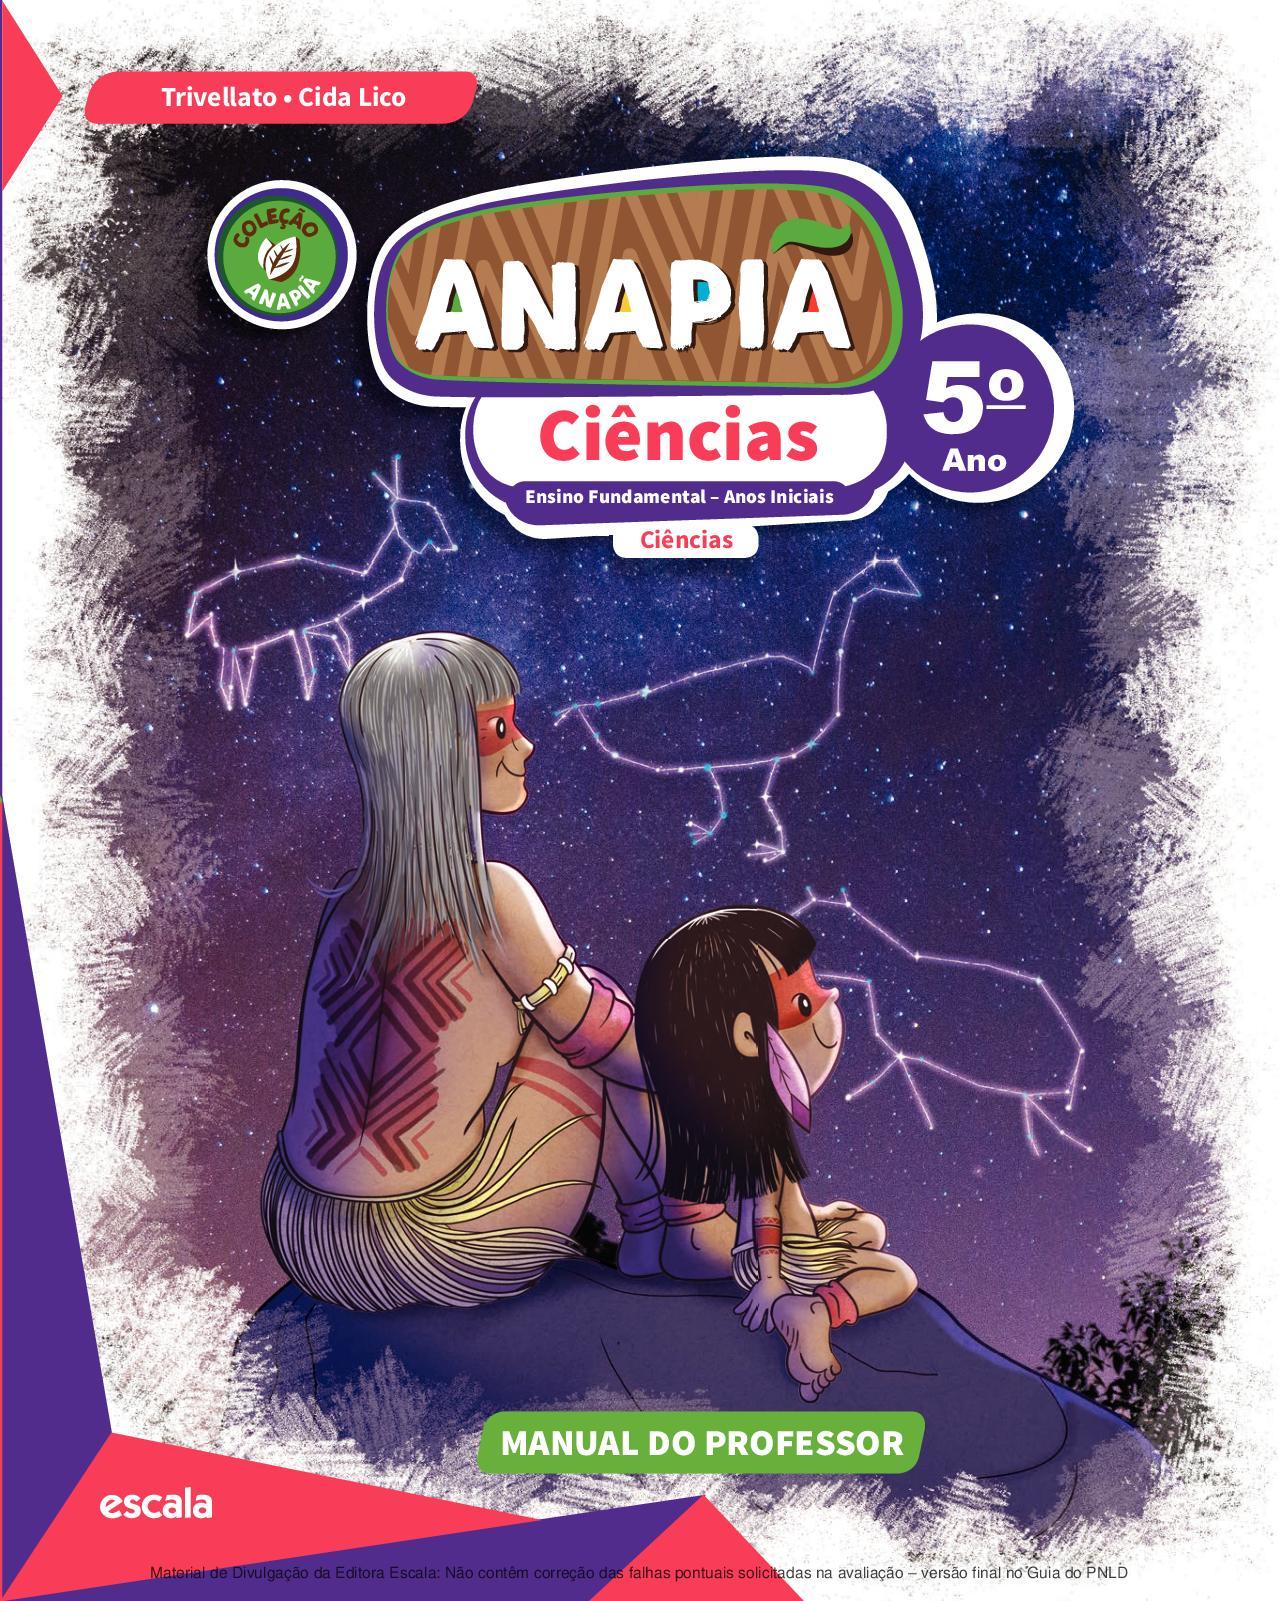 492ad8d6fbb7d Calaméo - Coleção Anapiã - Ciências - Volume 5º ano PROFESSOR